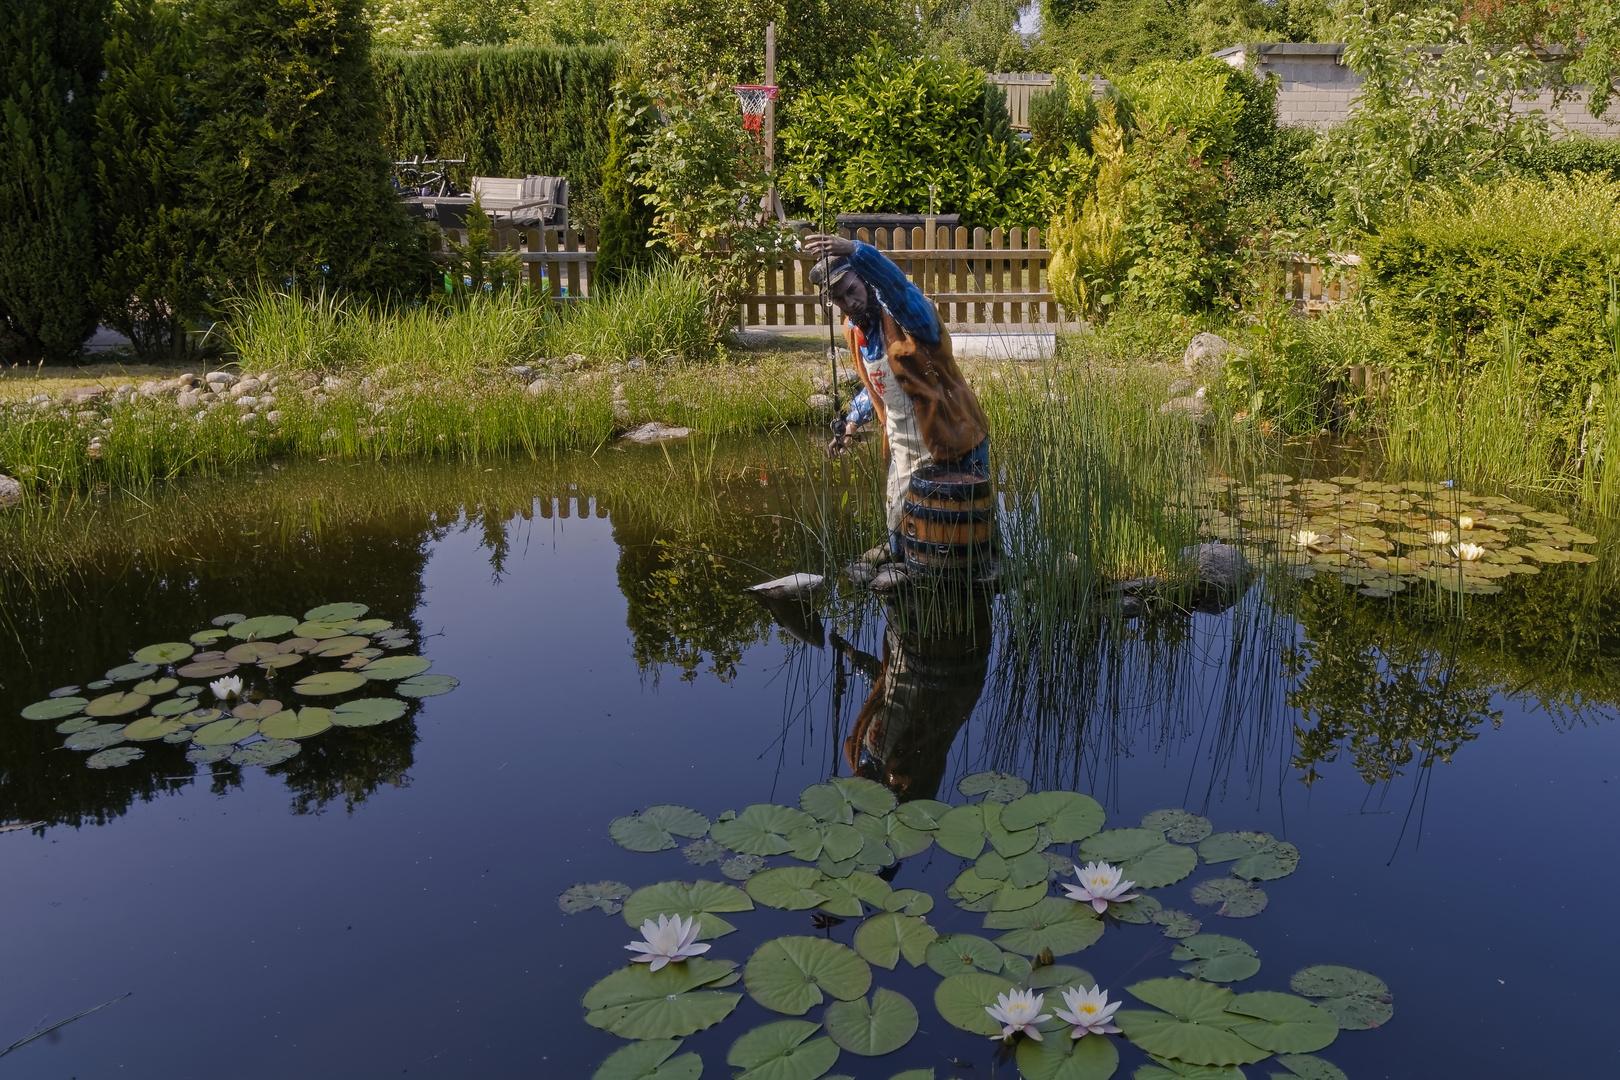 Der Angler im Teich